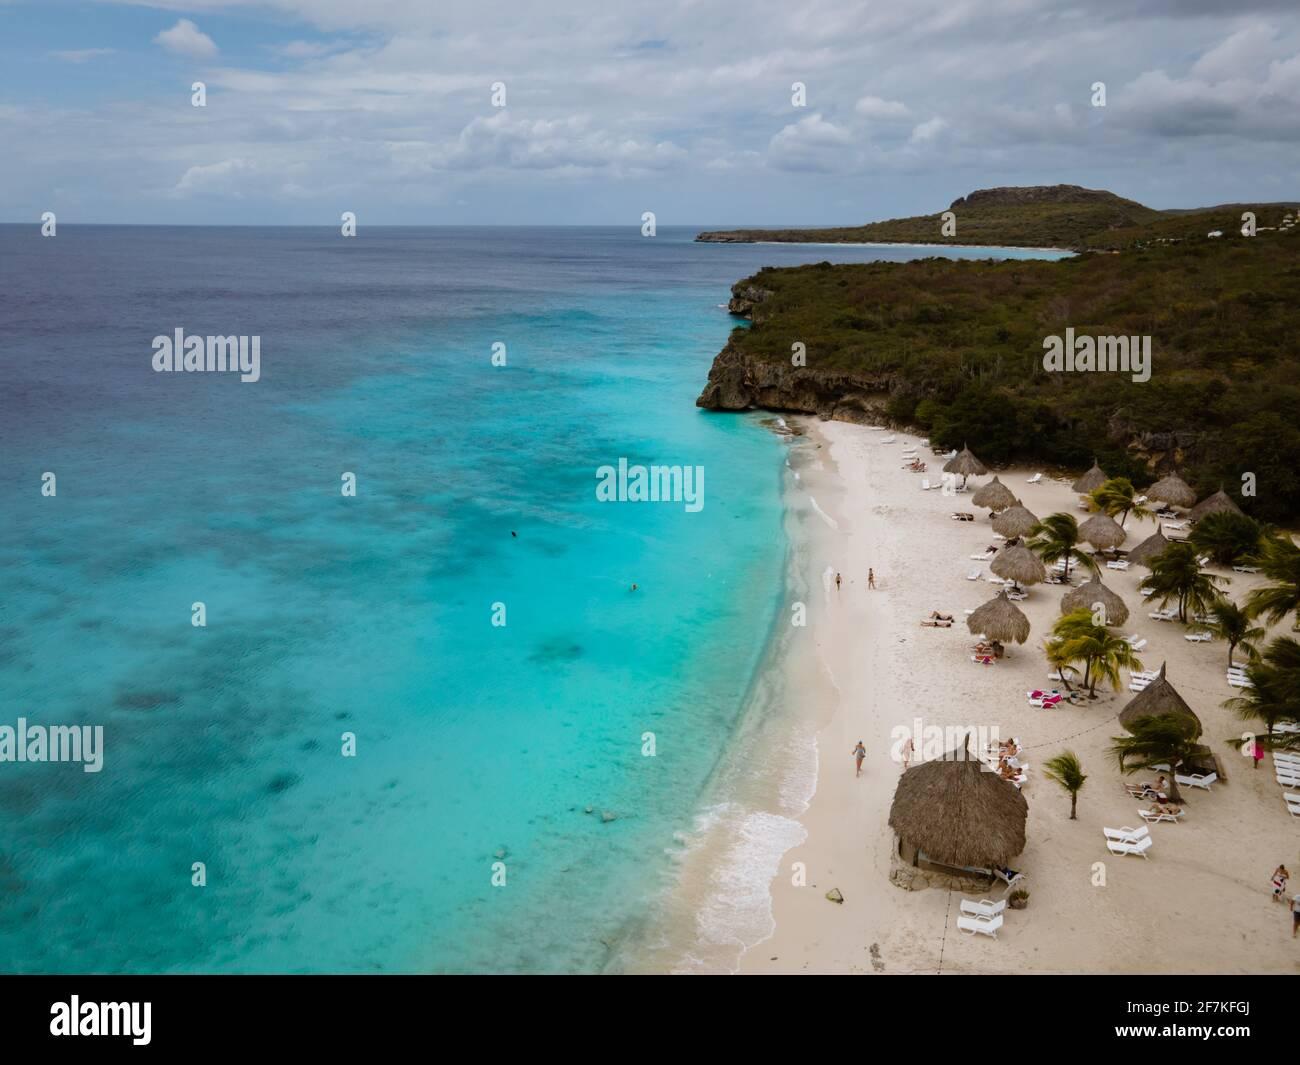 Vue aérienne de la côte de Curaçao dans la mer des Caraïbes avec eau turquoise, plage de sable blanc, et magnifique récif de corail à Playa cas Abao Curaçao Banque D'Images